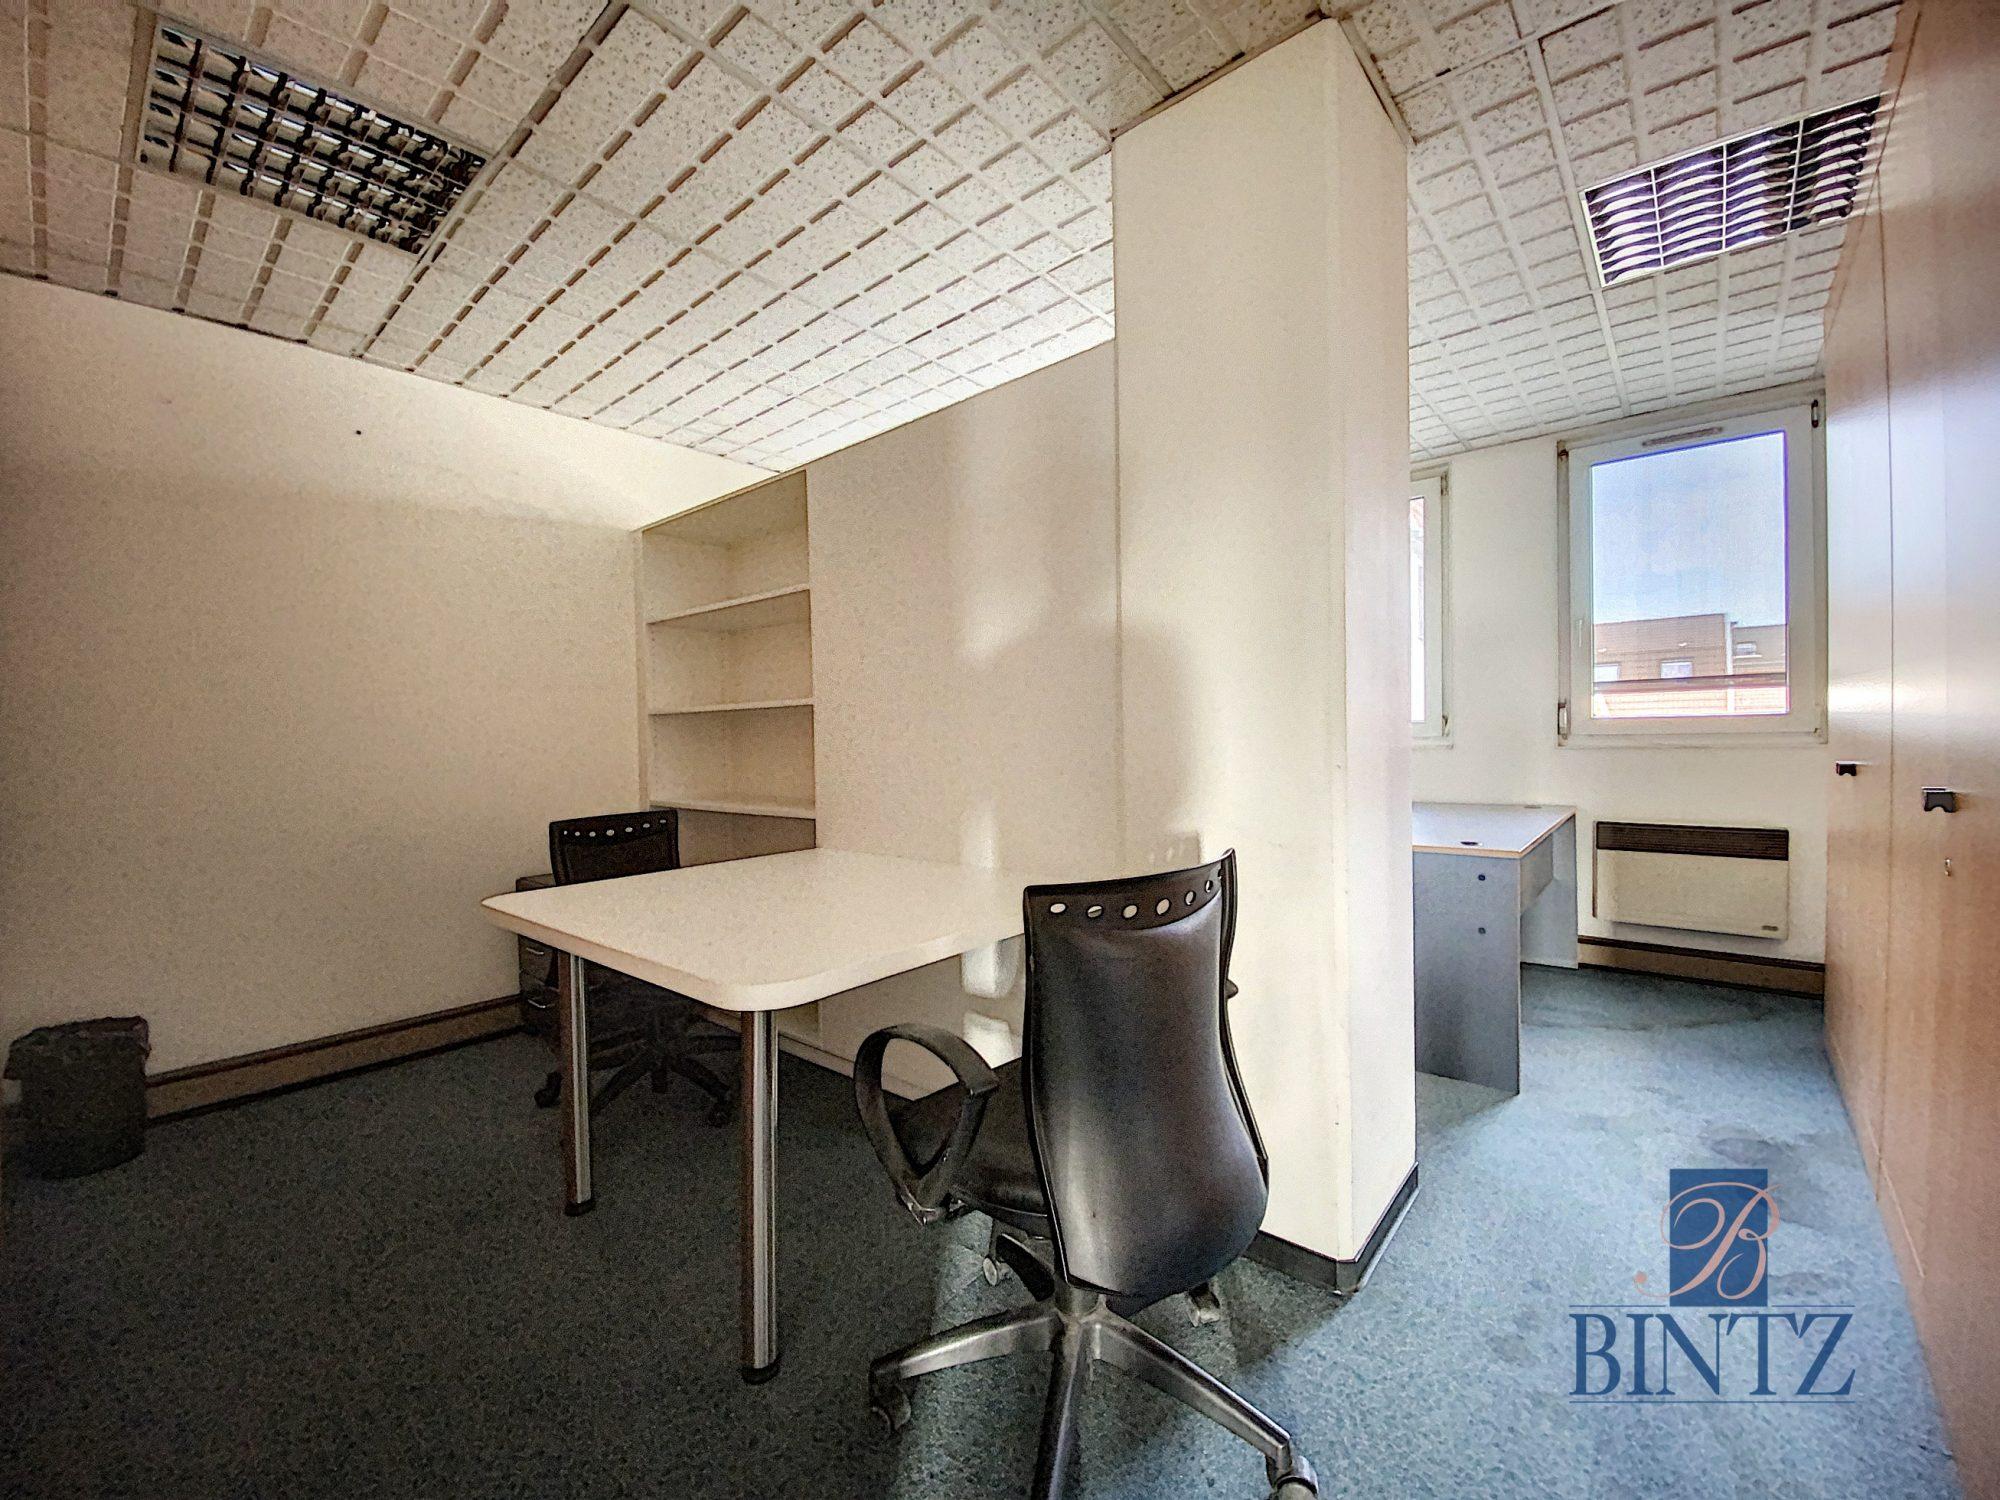 Bureaux à louer – 250m2 Quartier Fisher à Schiltigheim - Devenez locataire en toute sérénité - Bintz Immobilier - 8